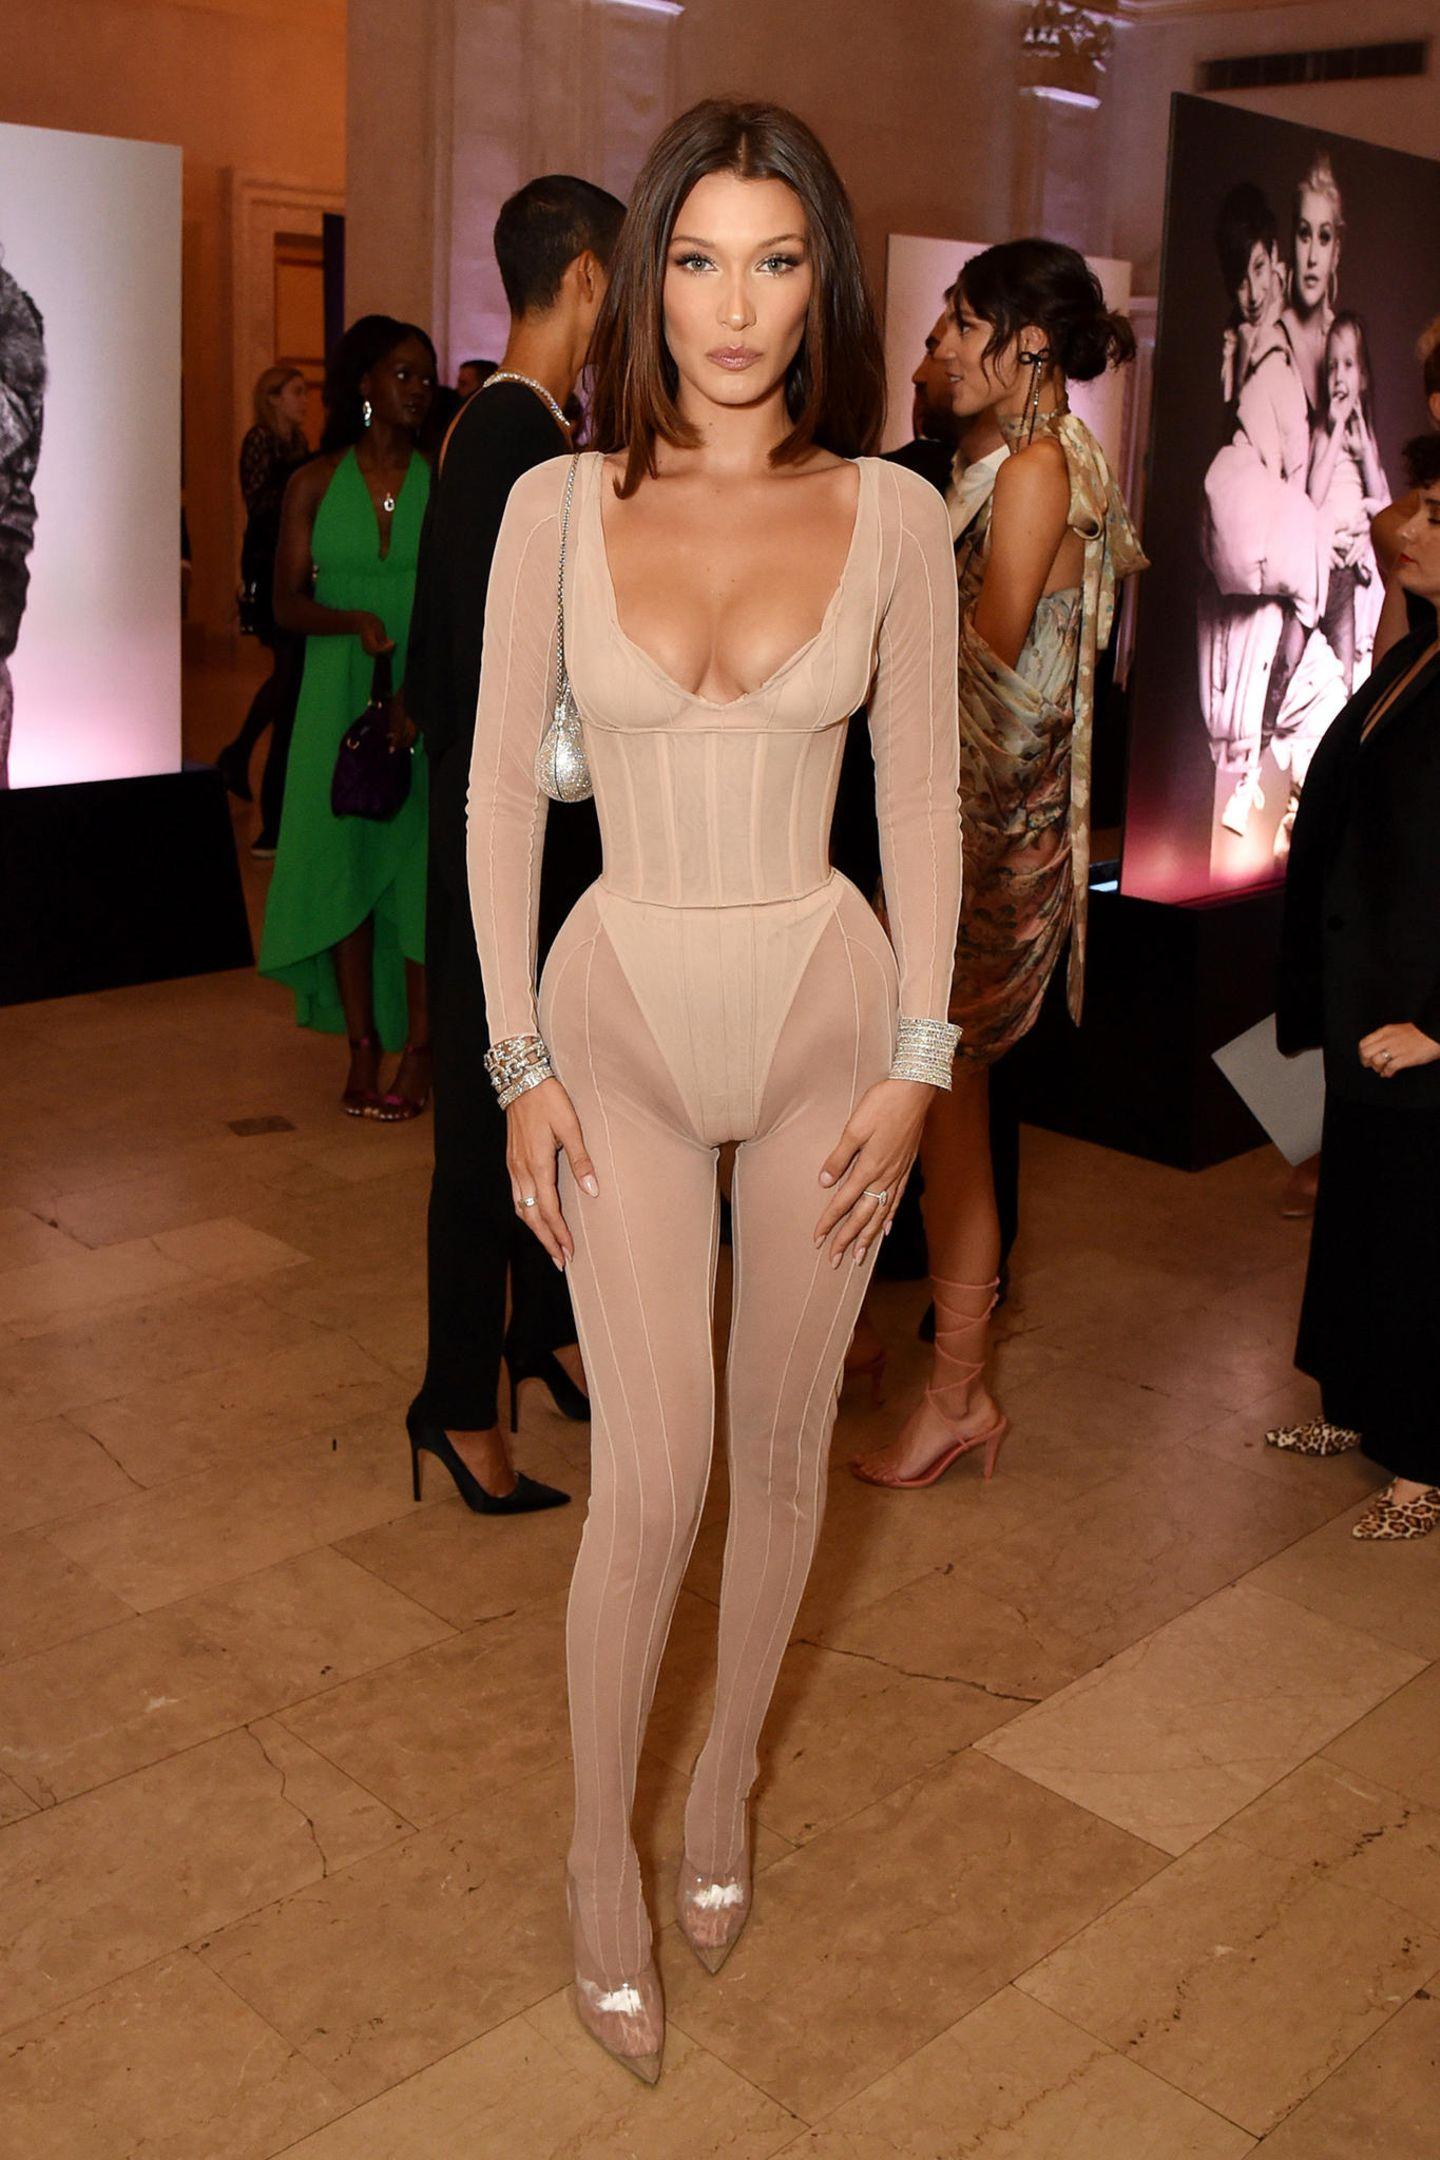 Der nudefarbene Bodysuit von Bella Hadid erregt zumindest einiges Aufsehen.